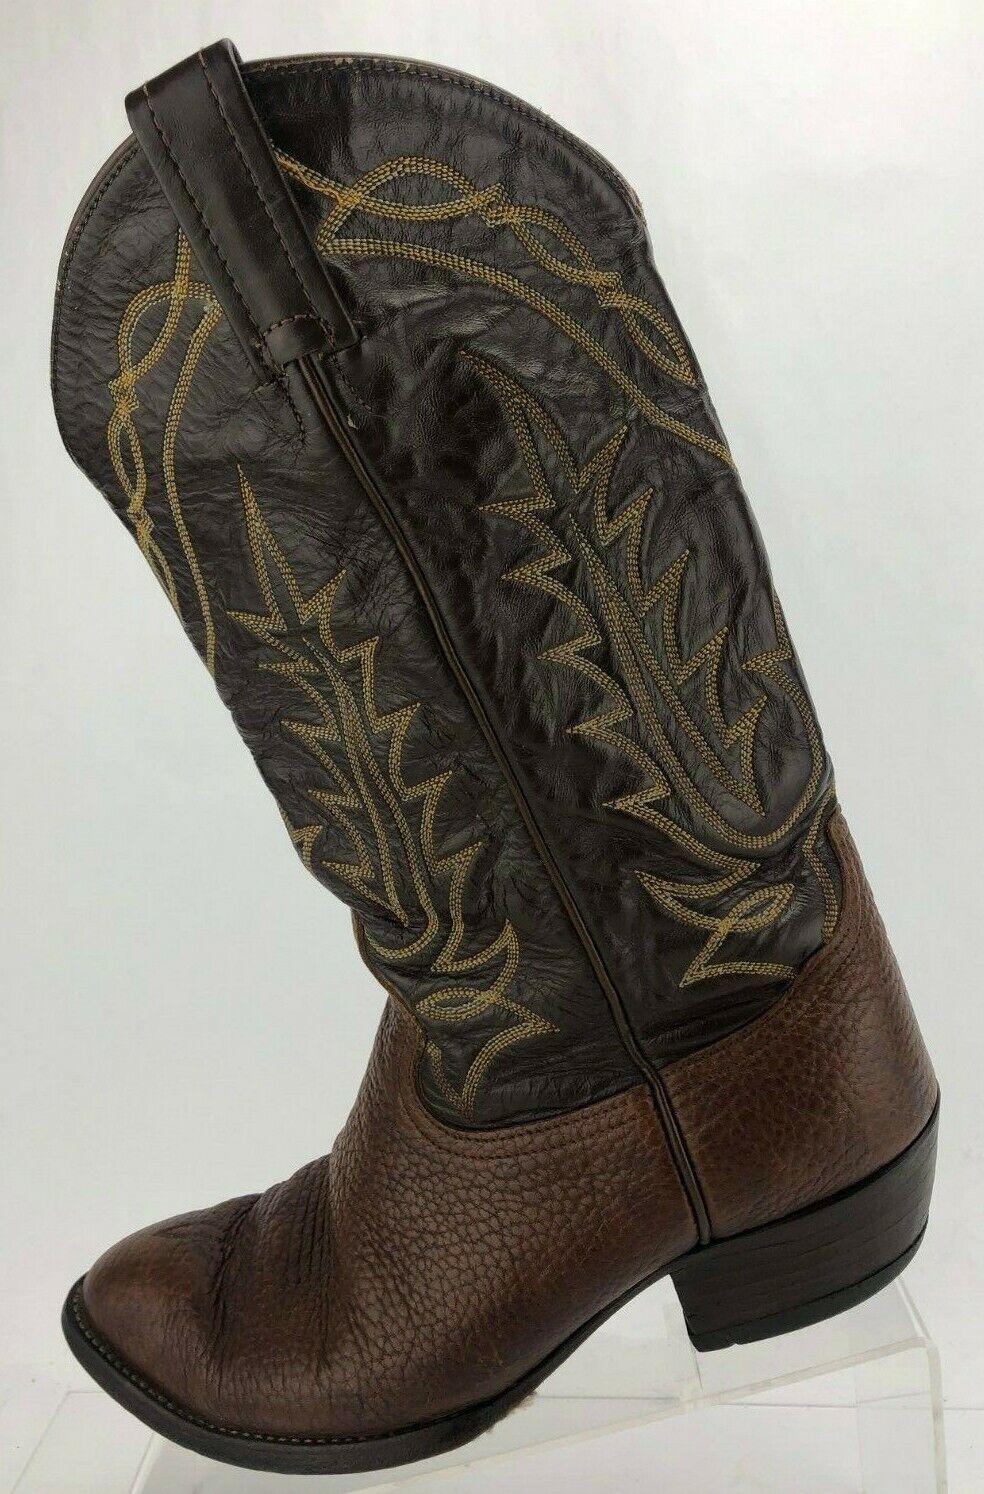 Tony Lama botas de vaquero occidental Marrón Cuero exótico Vintage caído para Hombre US 8 Extra Ancho